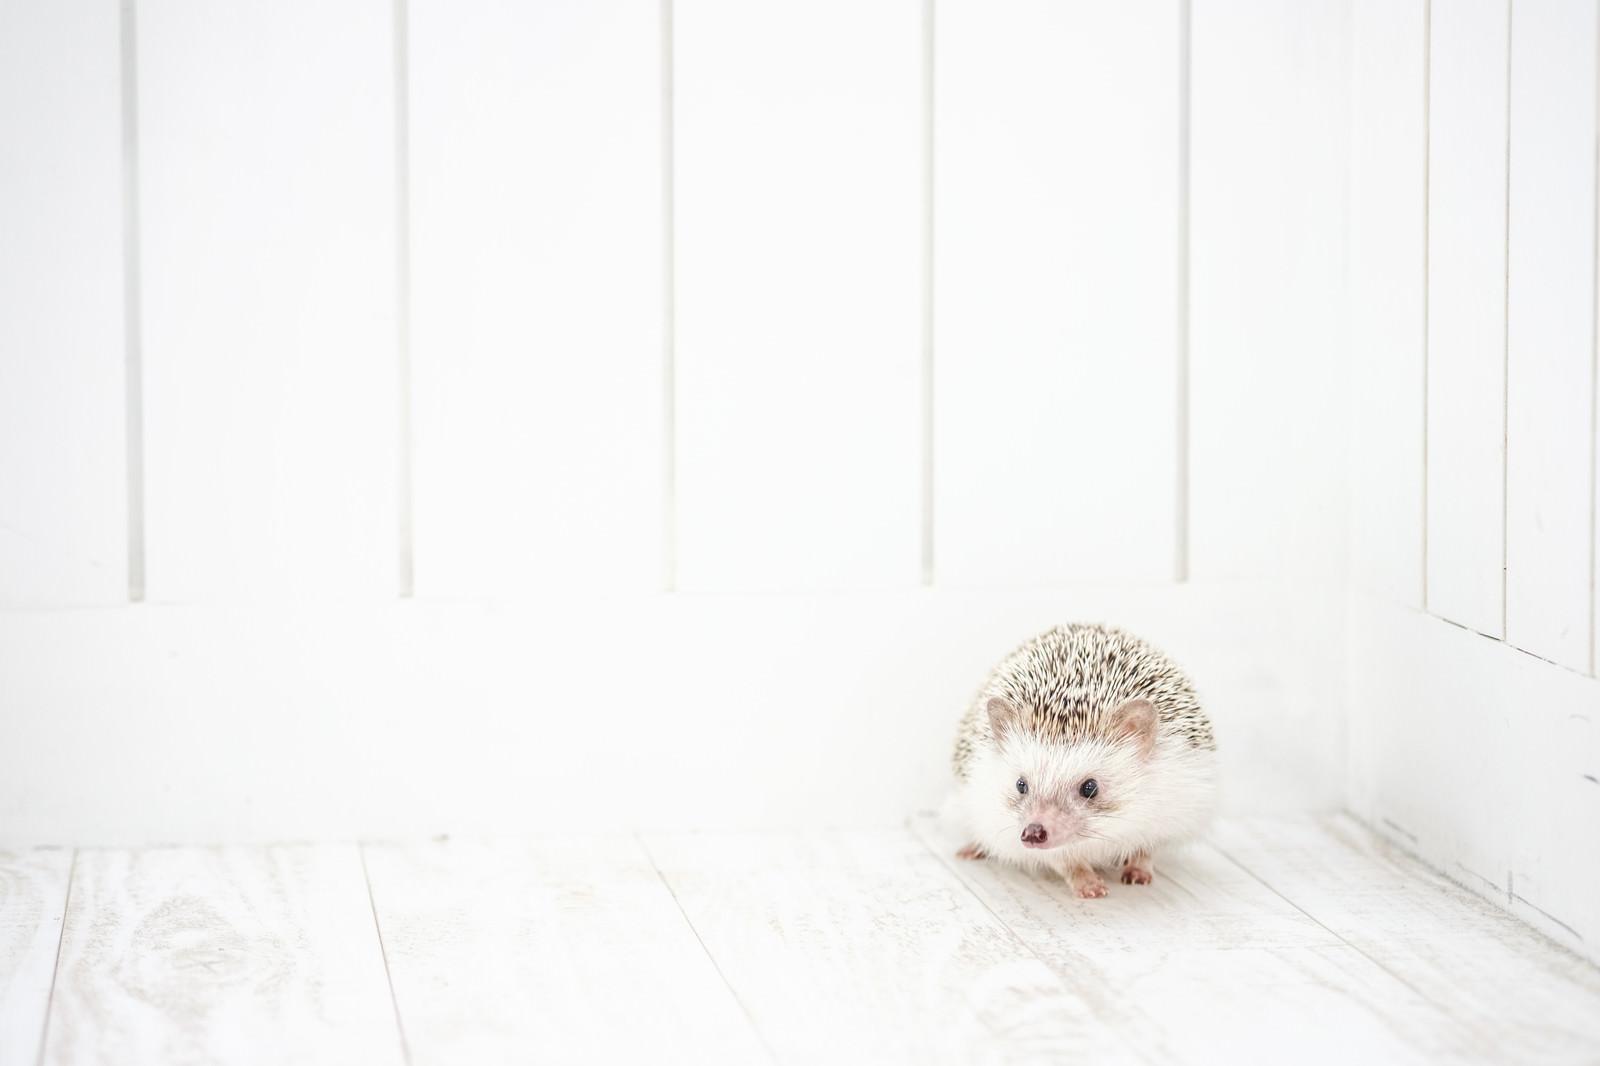 「ハリネズミは壁の隅っこが大好き」の写真